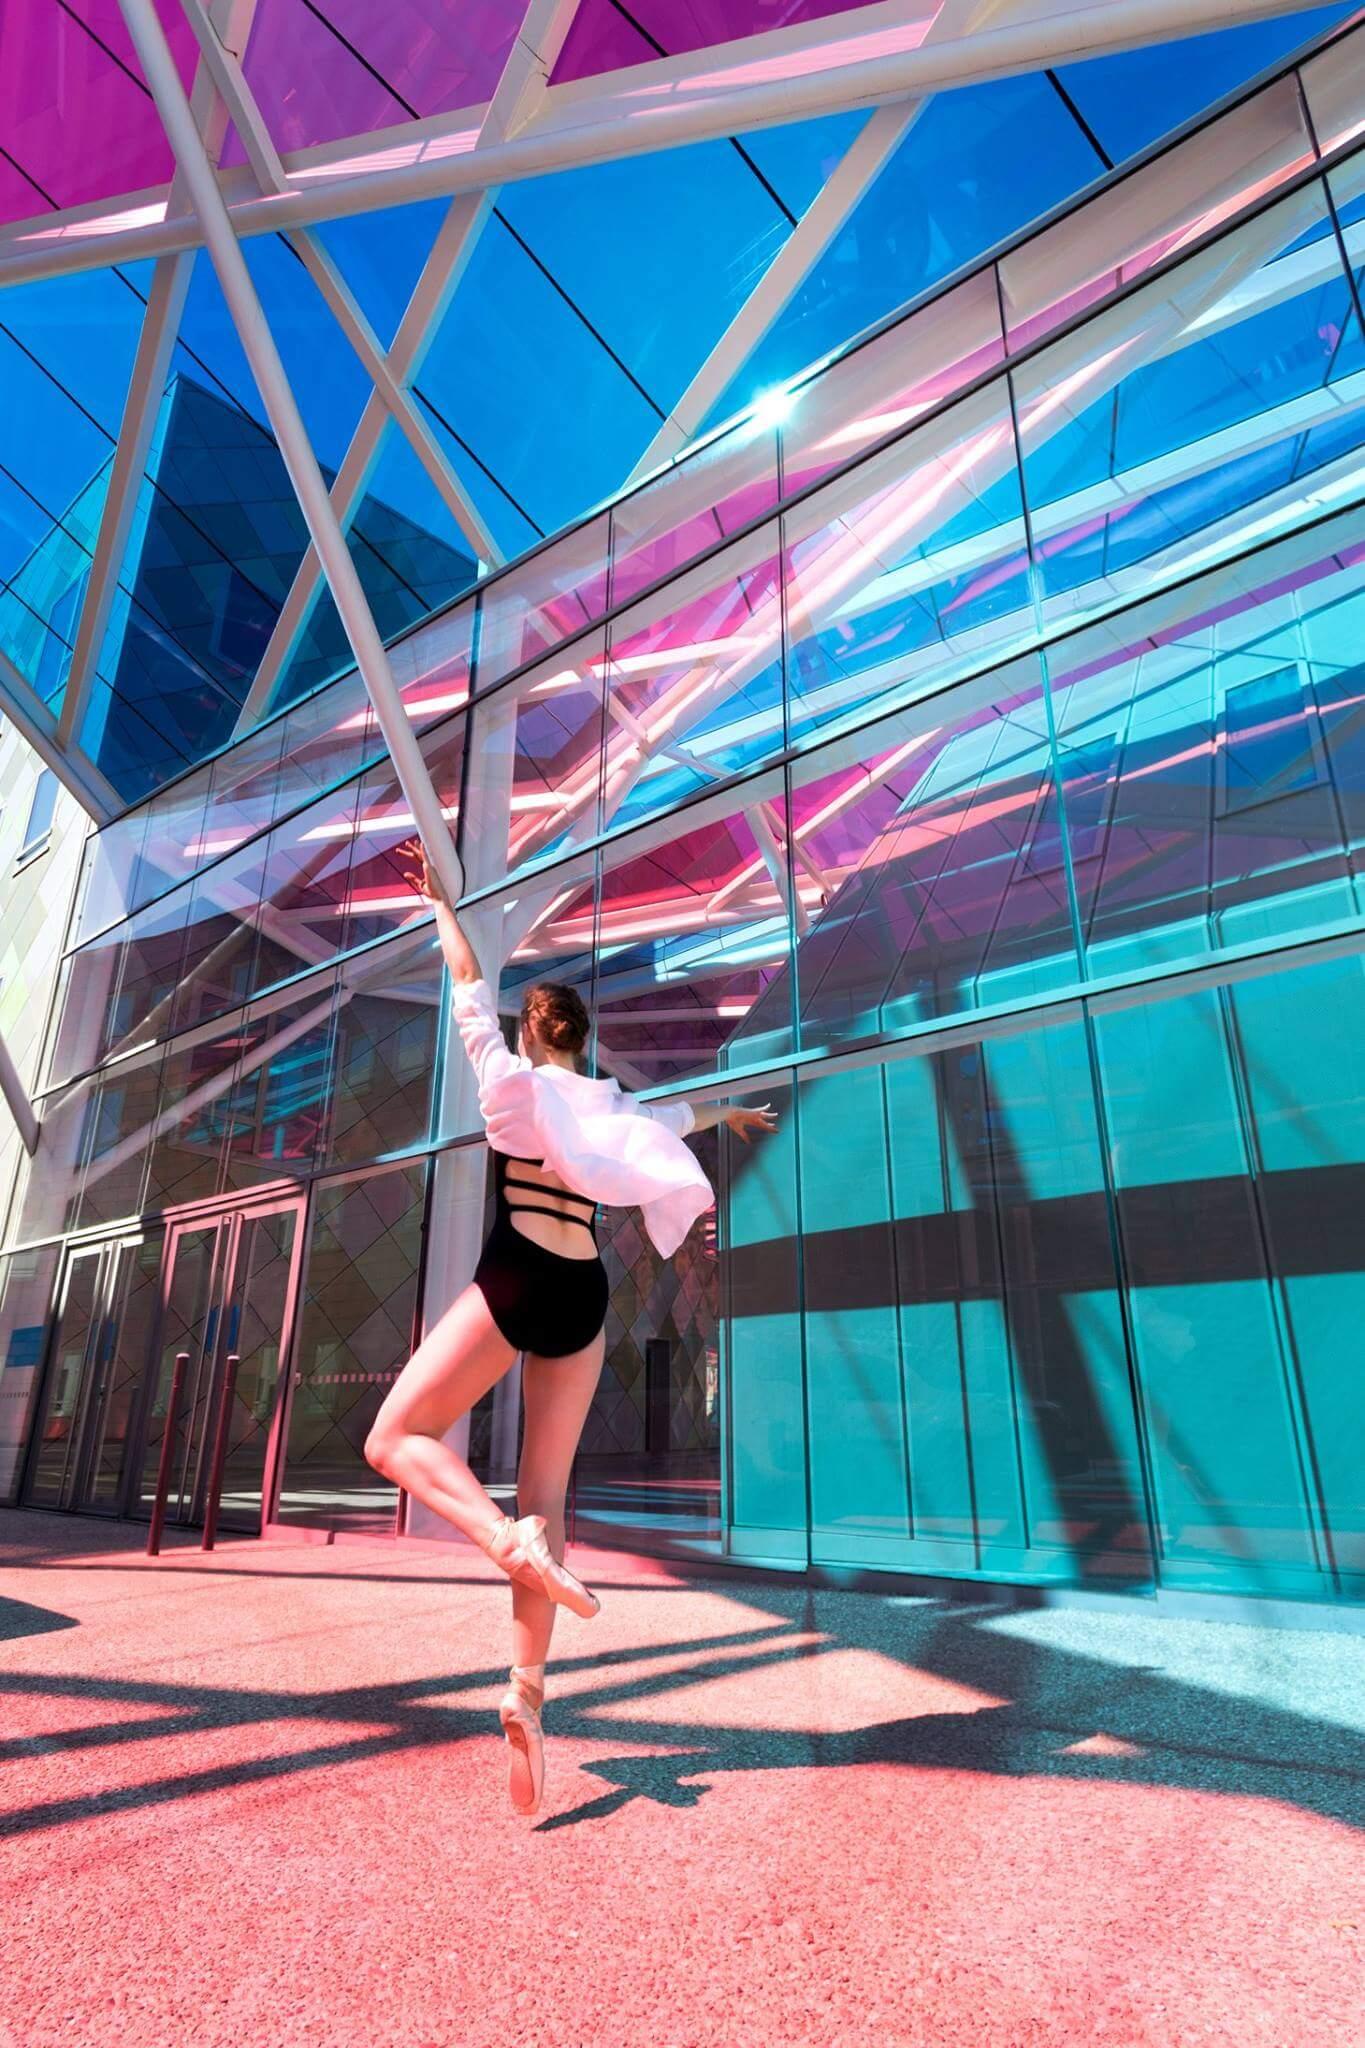 Saut danse graphique moderne architecture